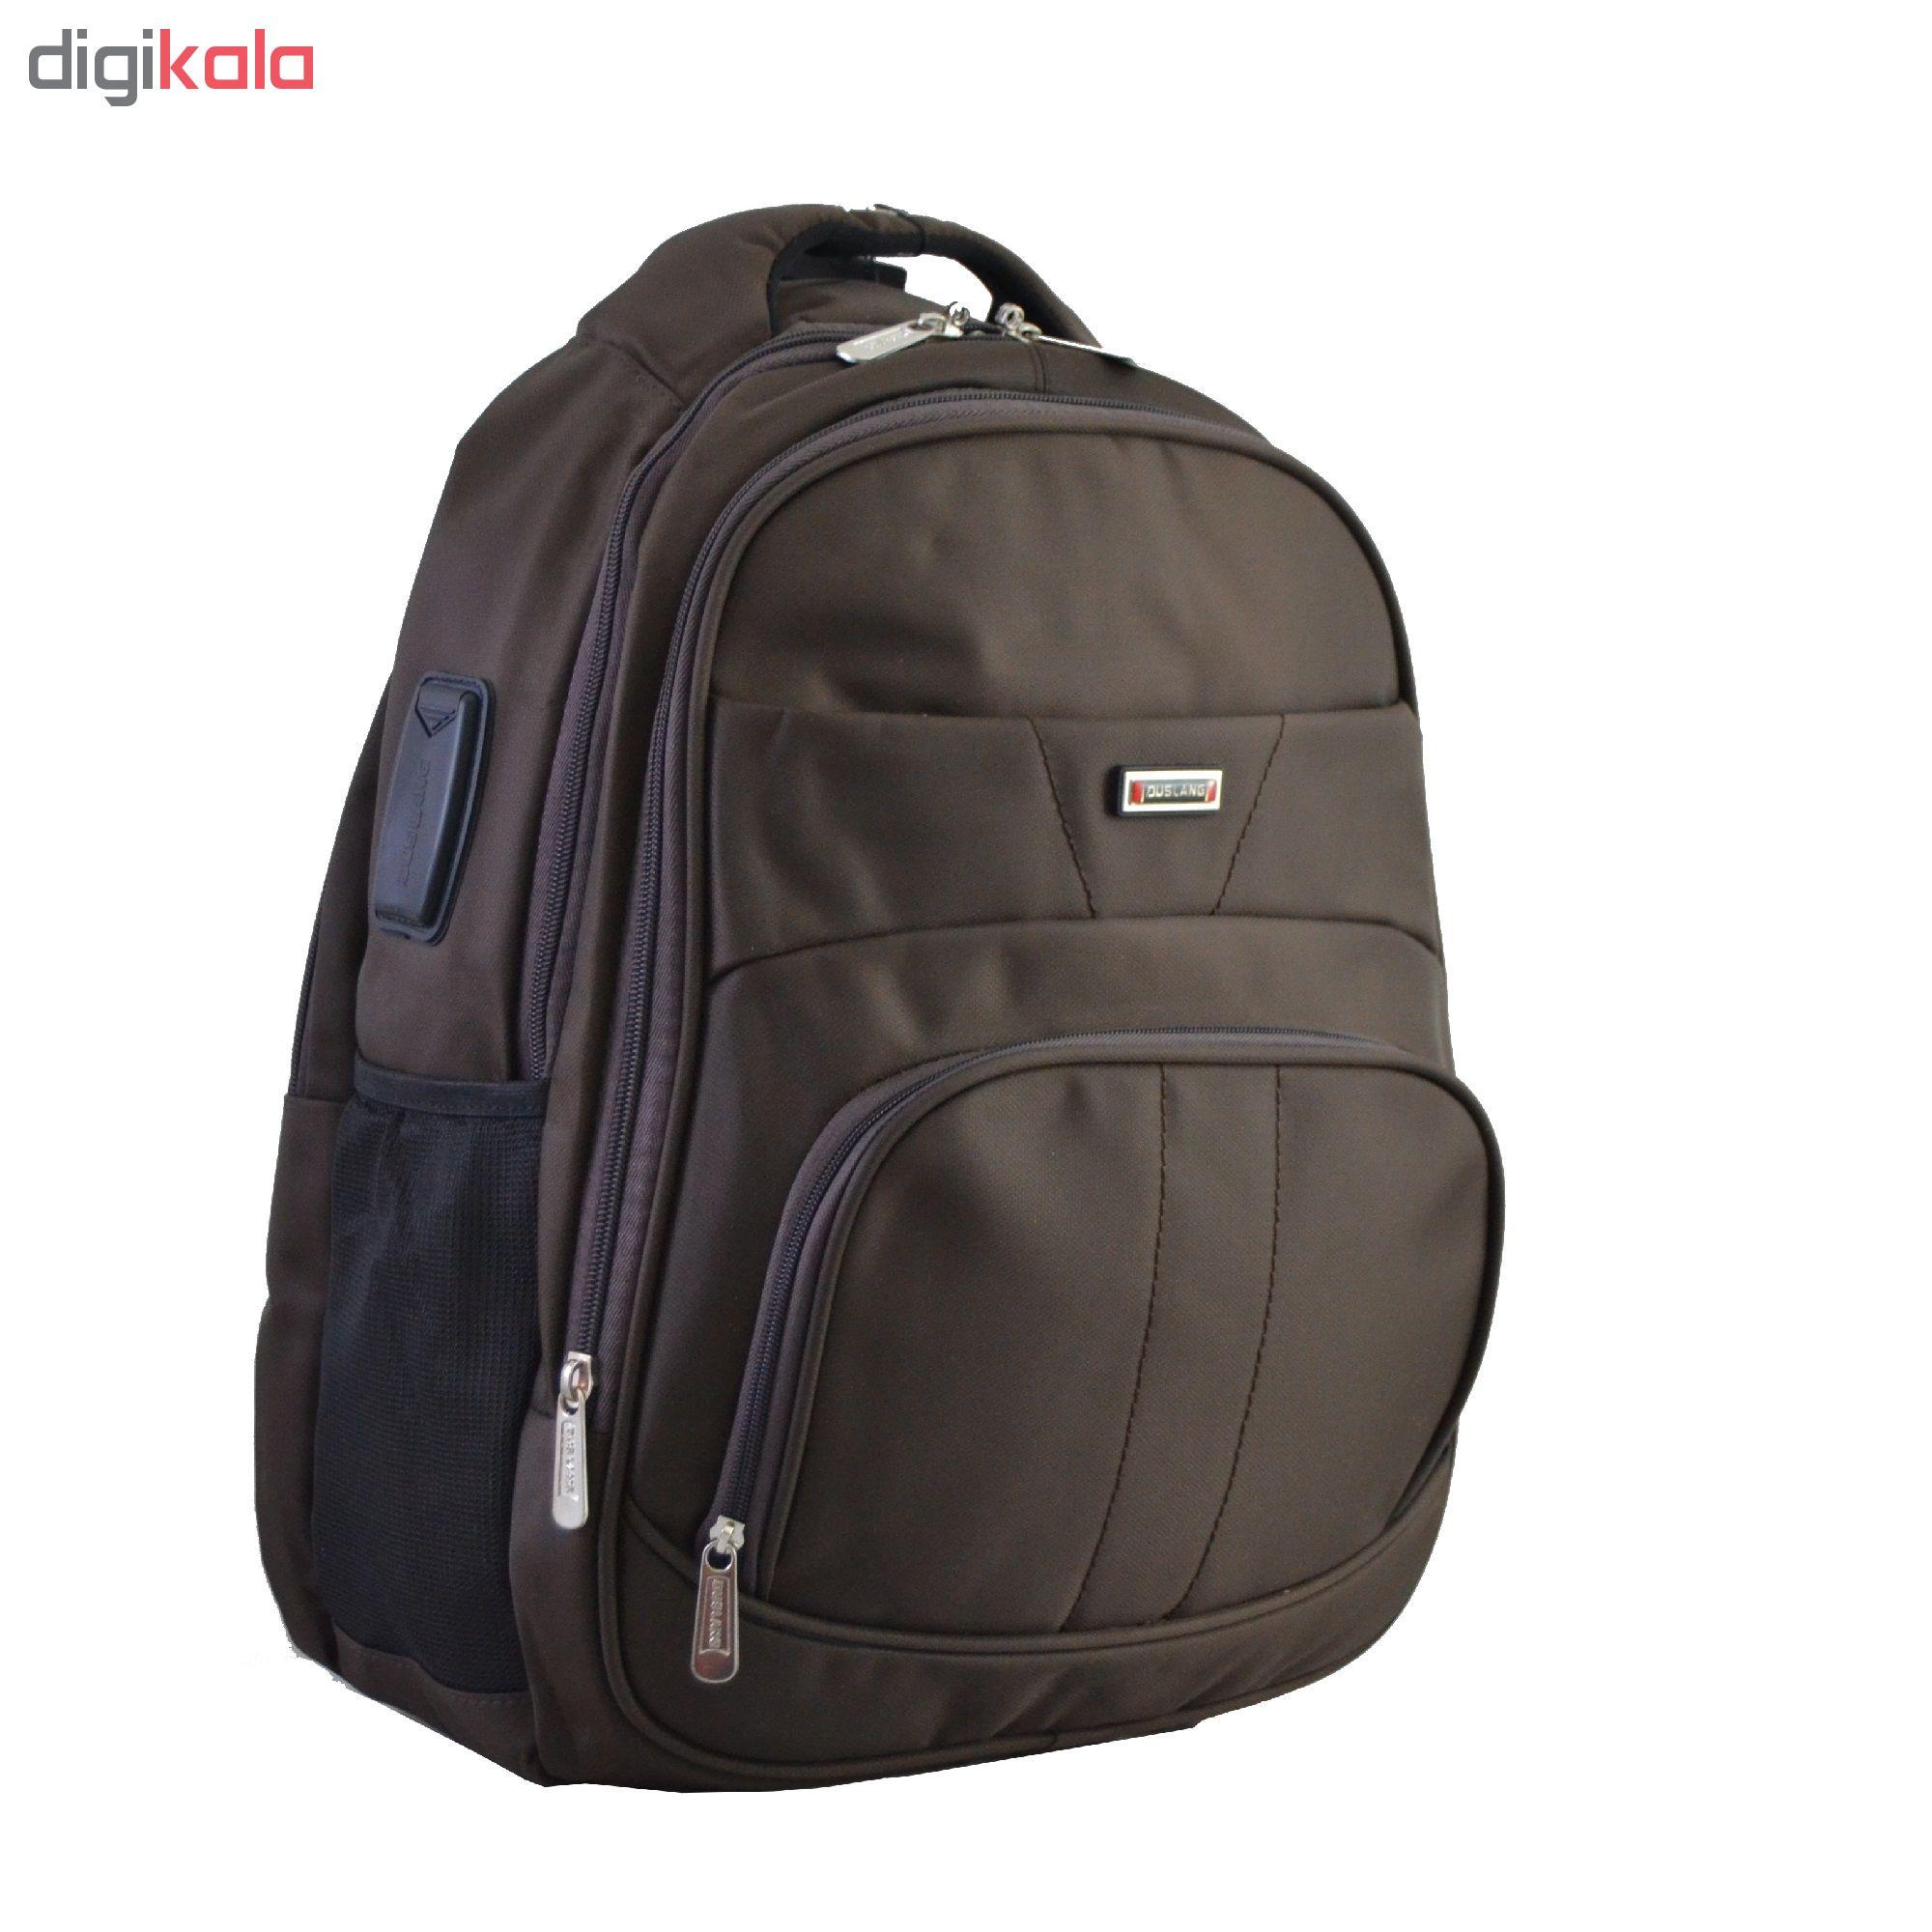 کوله پشتی لپ تاپ داس لنگ کد 88060 مناسب برای لپ تاپ 15.6 اینچی